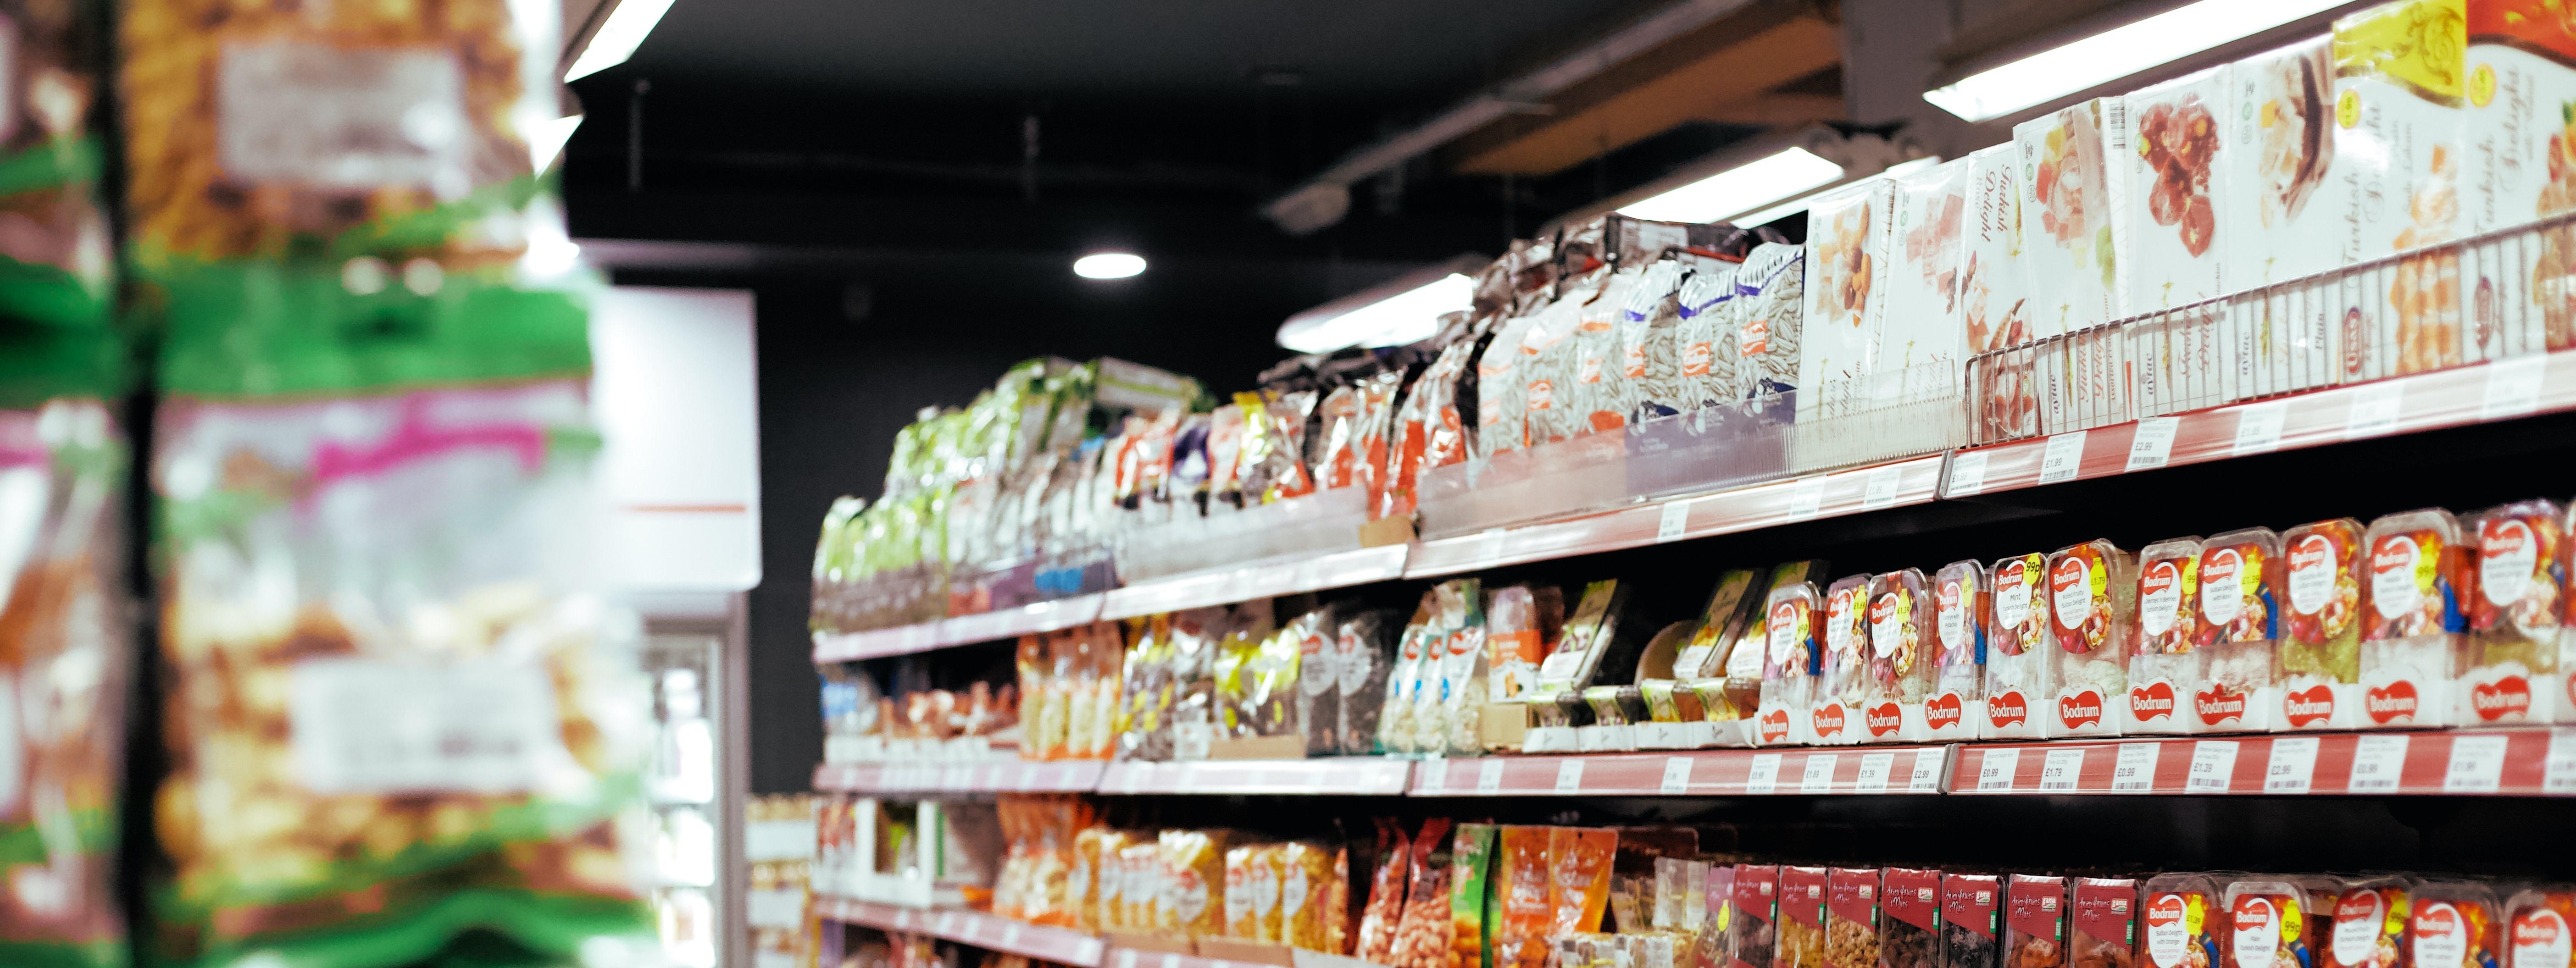 Plattformen_Symbolbild-Supermarkt